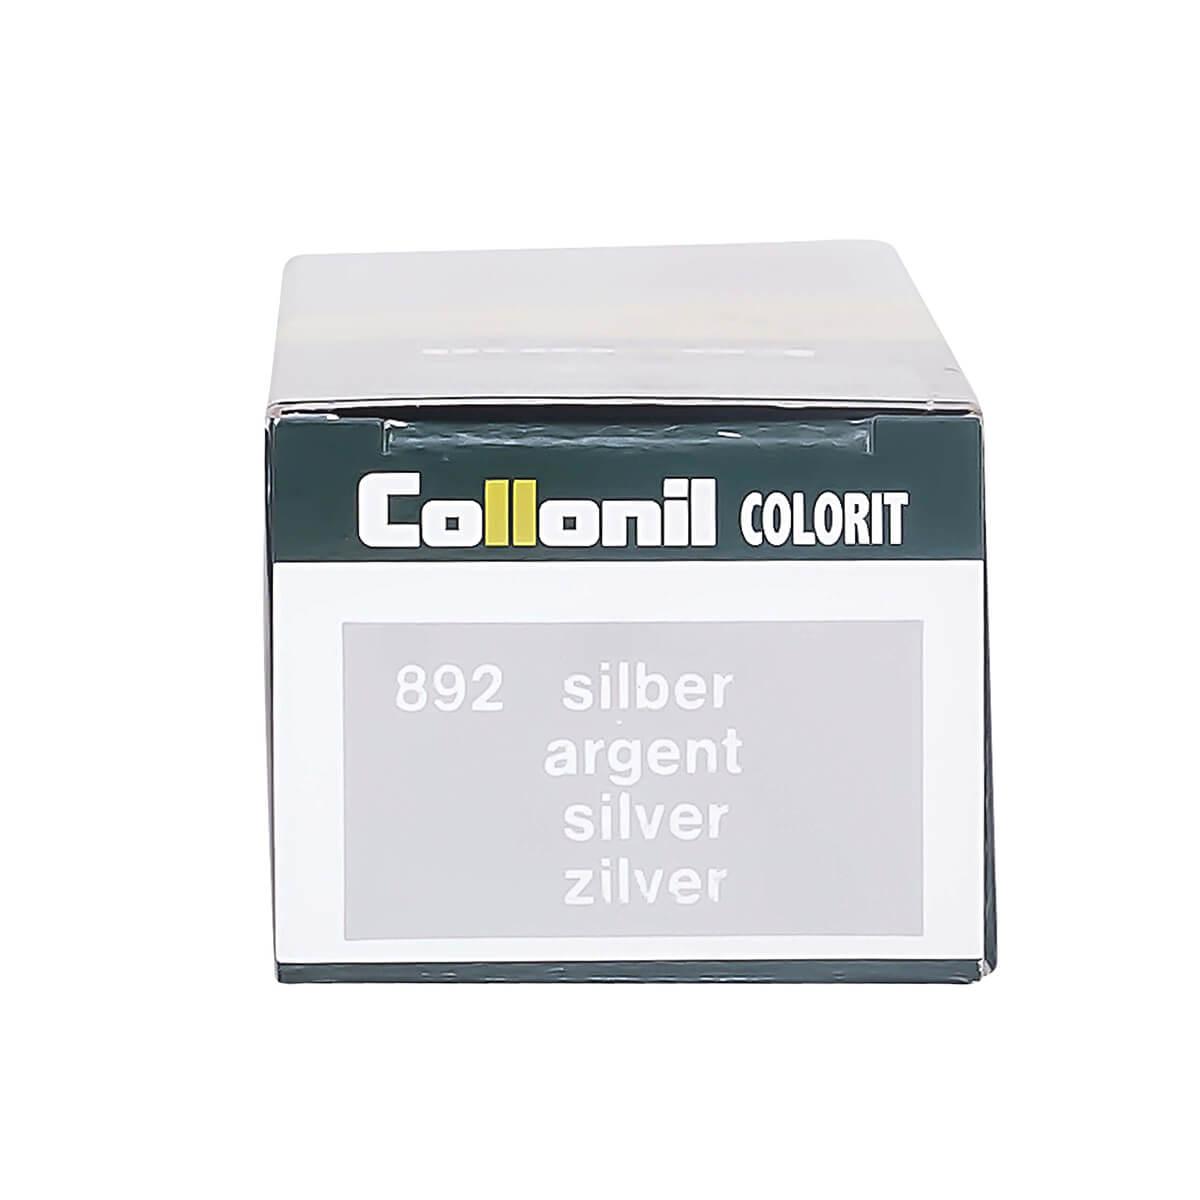 Collonil Creme COLORIT Silver